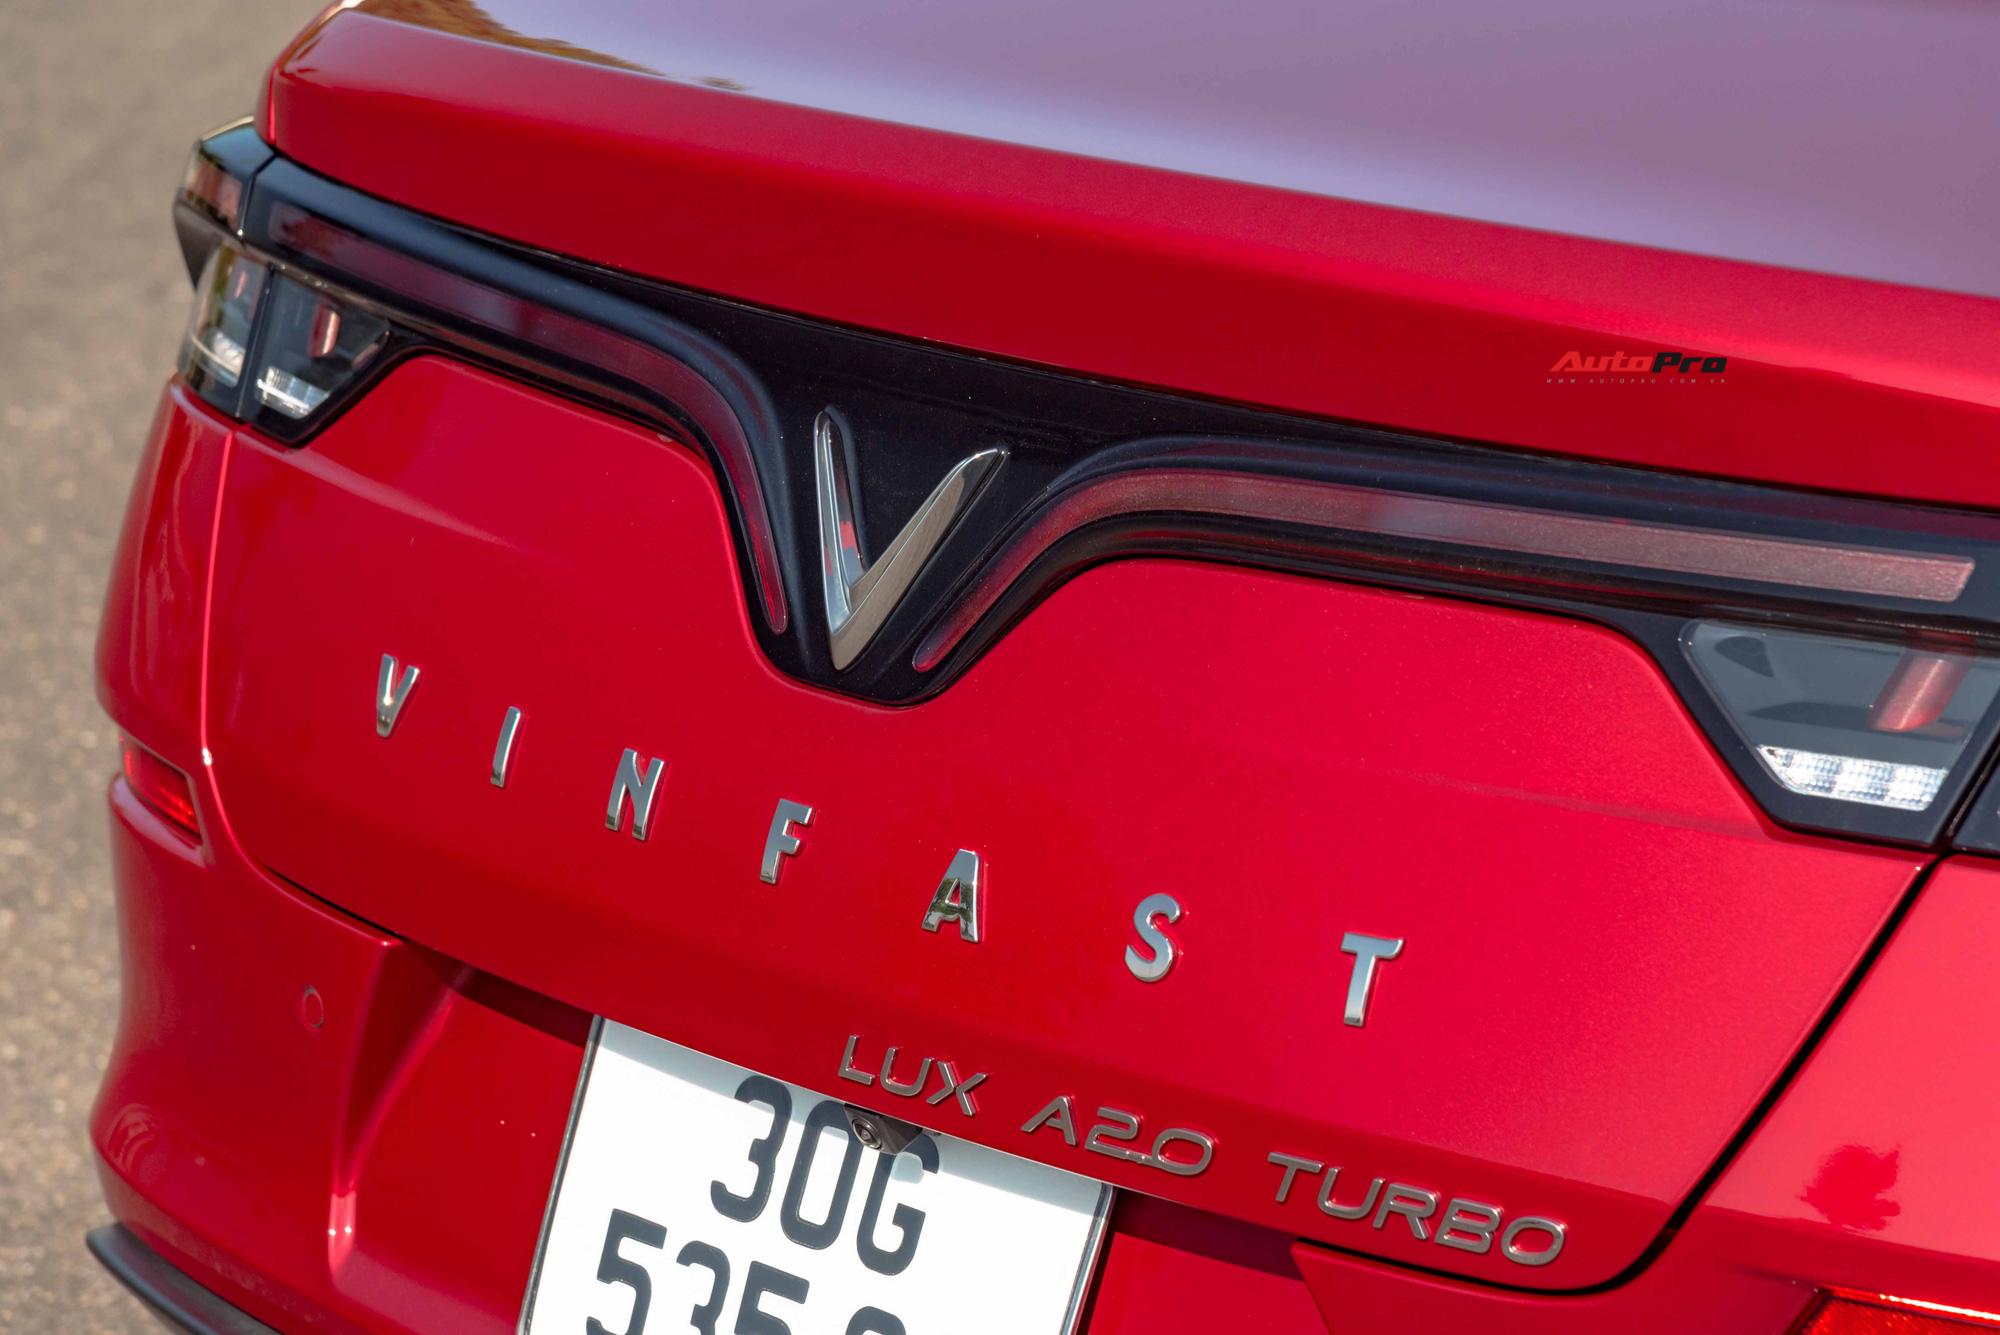 Đi vào cận hơn, logo Lux A2.0 Turbo ở đuôi nhận được nhiều nhận xét là không ăn nhập với tổng thể. Đã có những người bóc hẳn logo này ra và chỉ để logo VinFast.